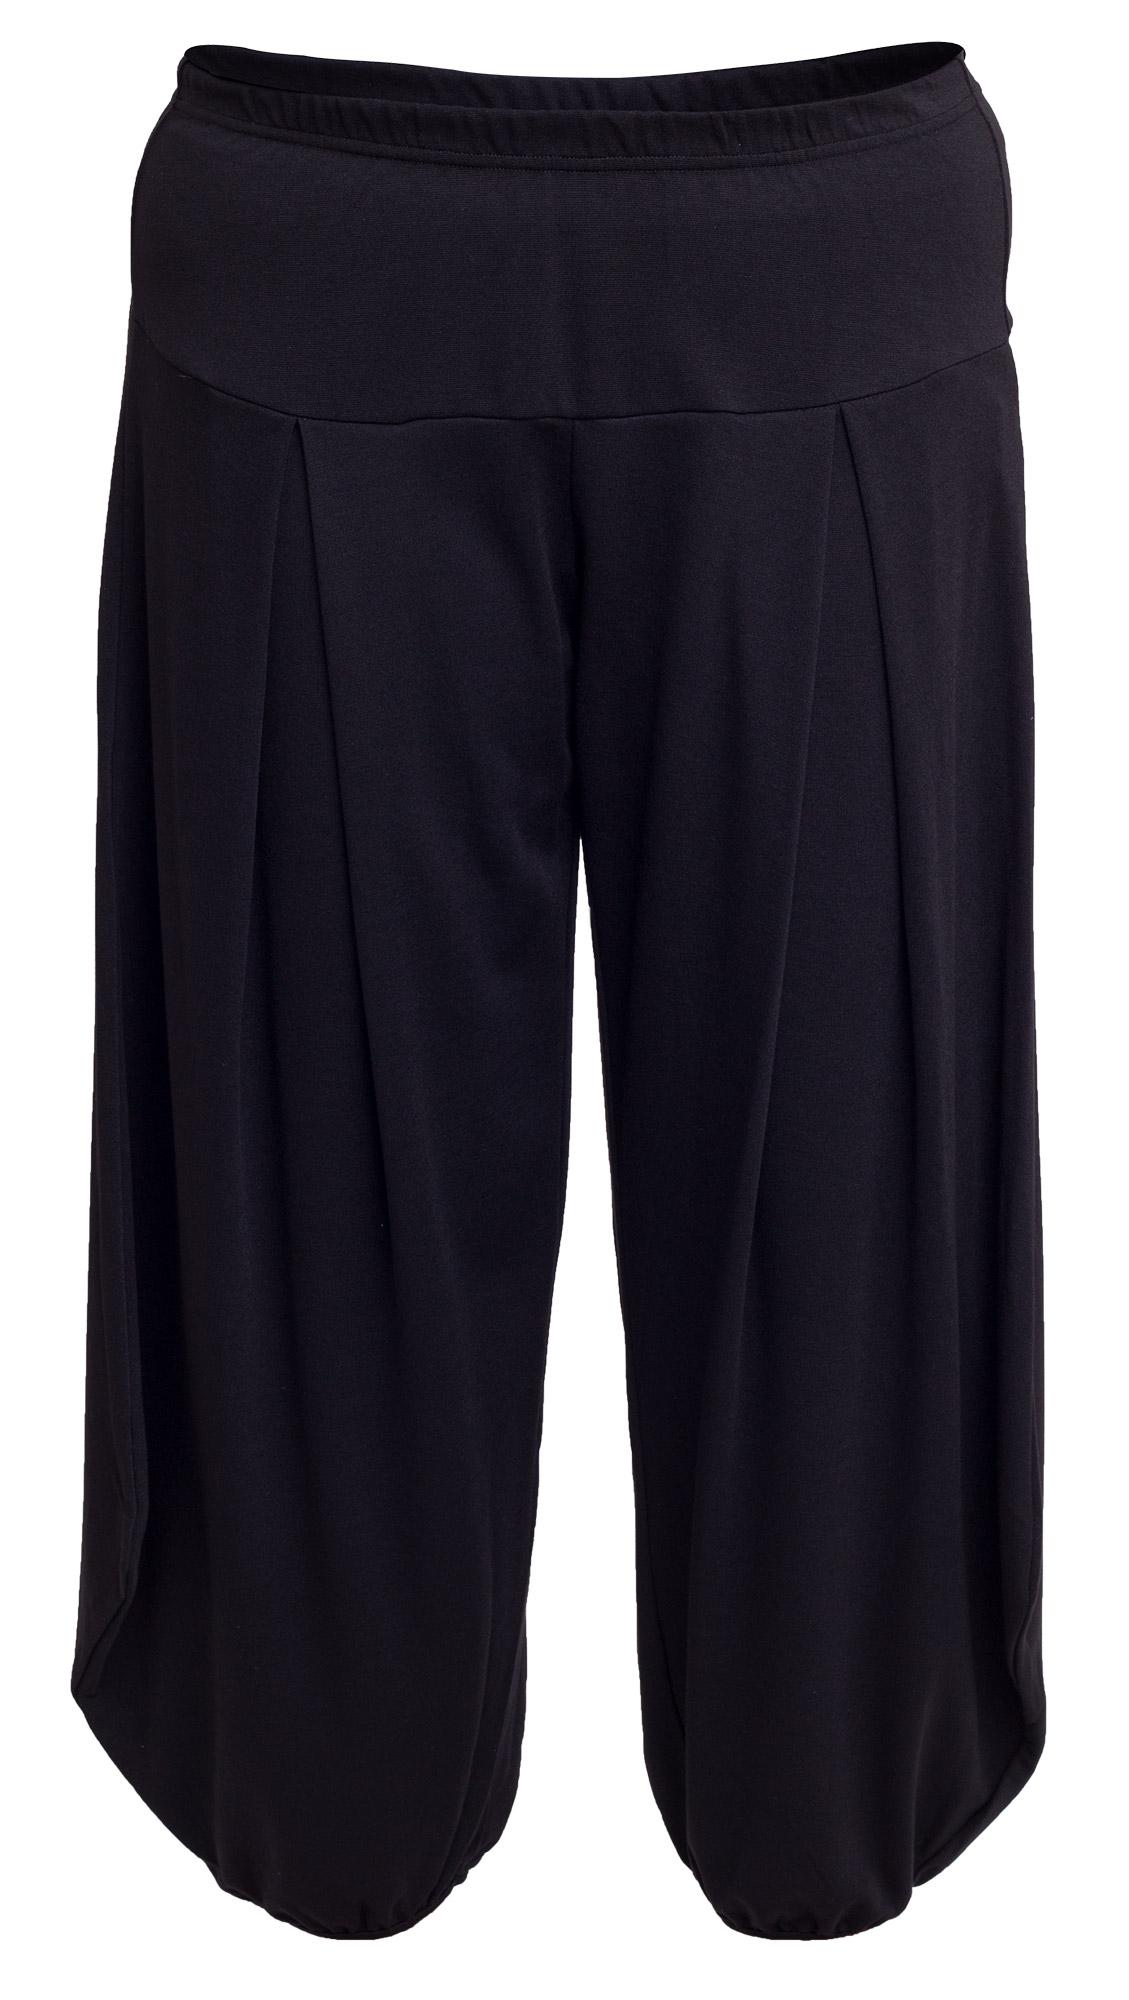 Løse sorte bukser